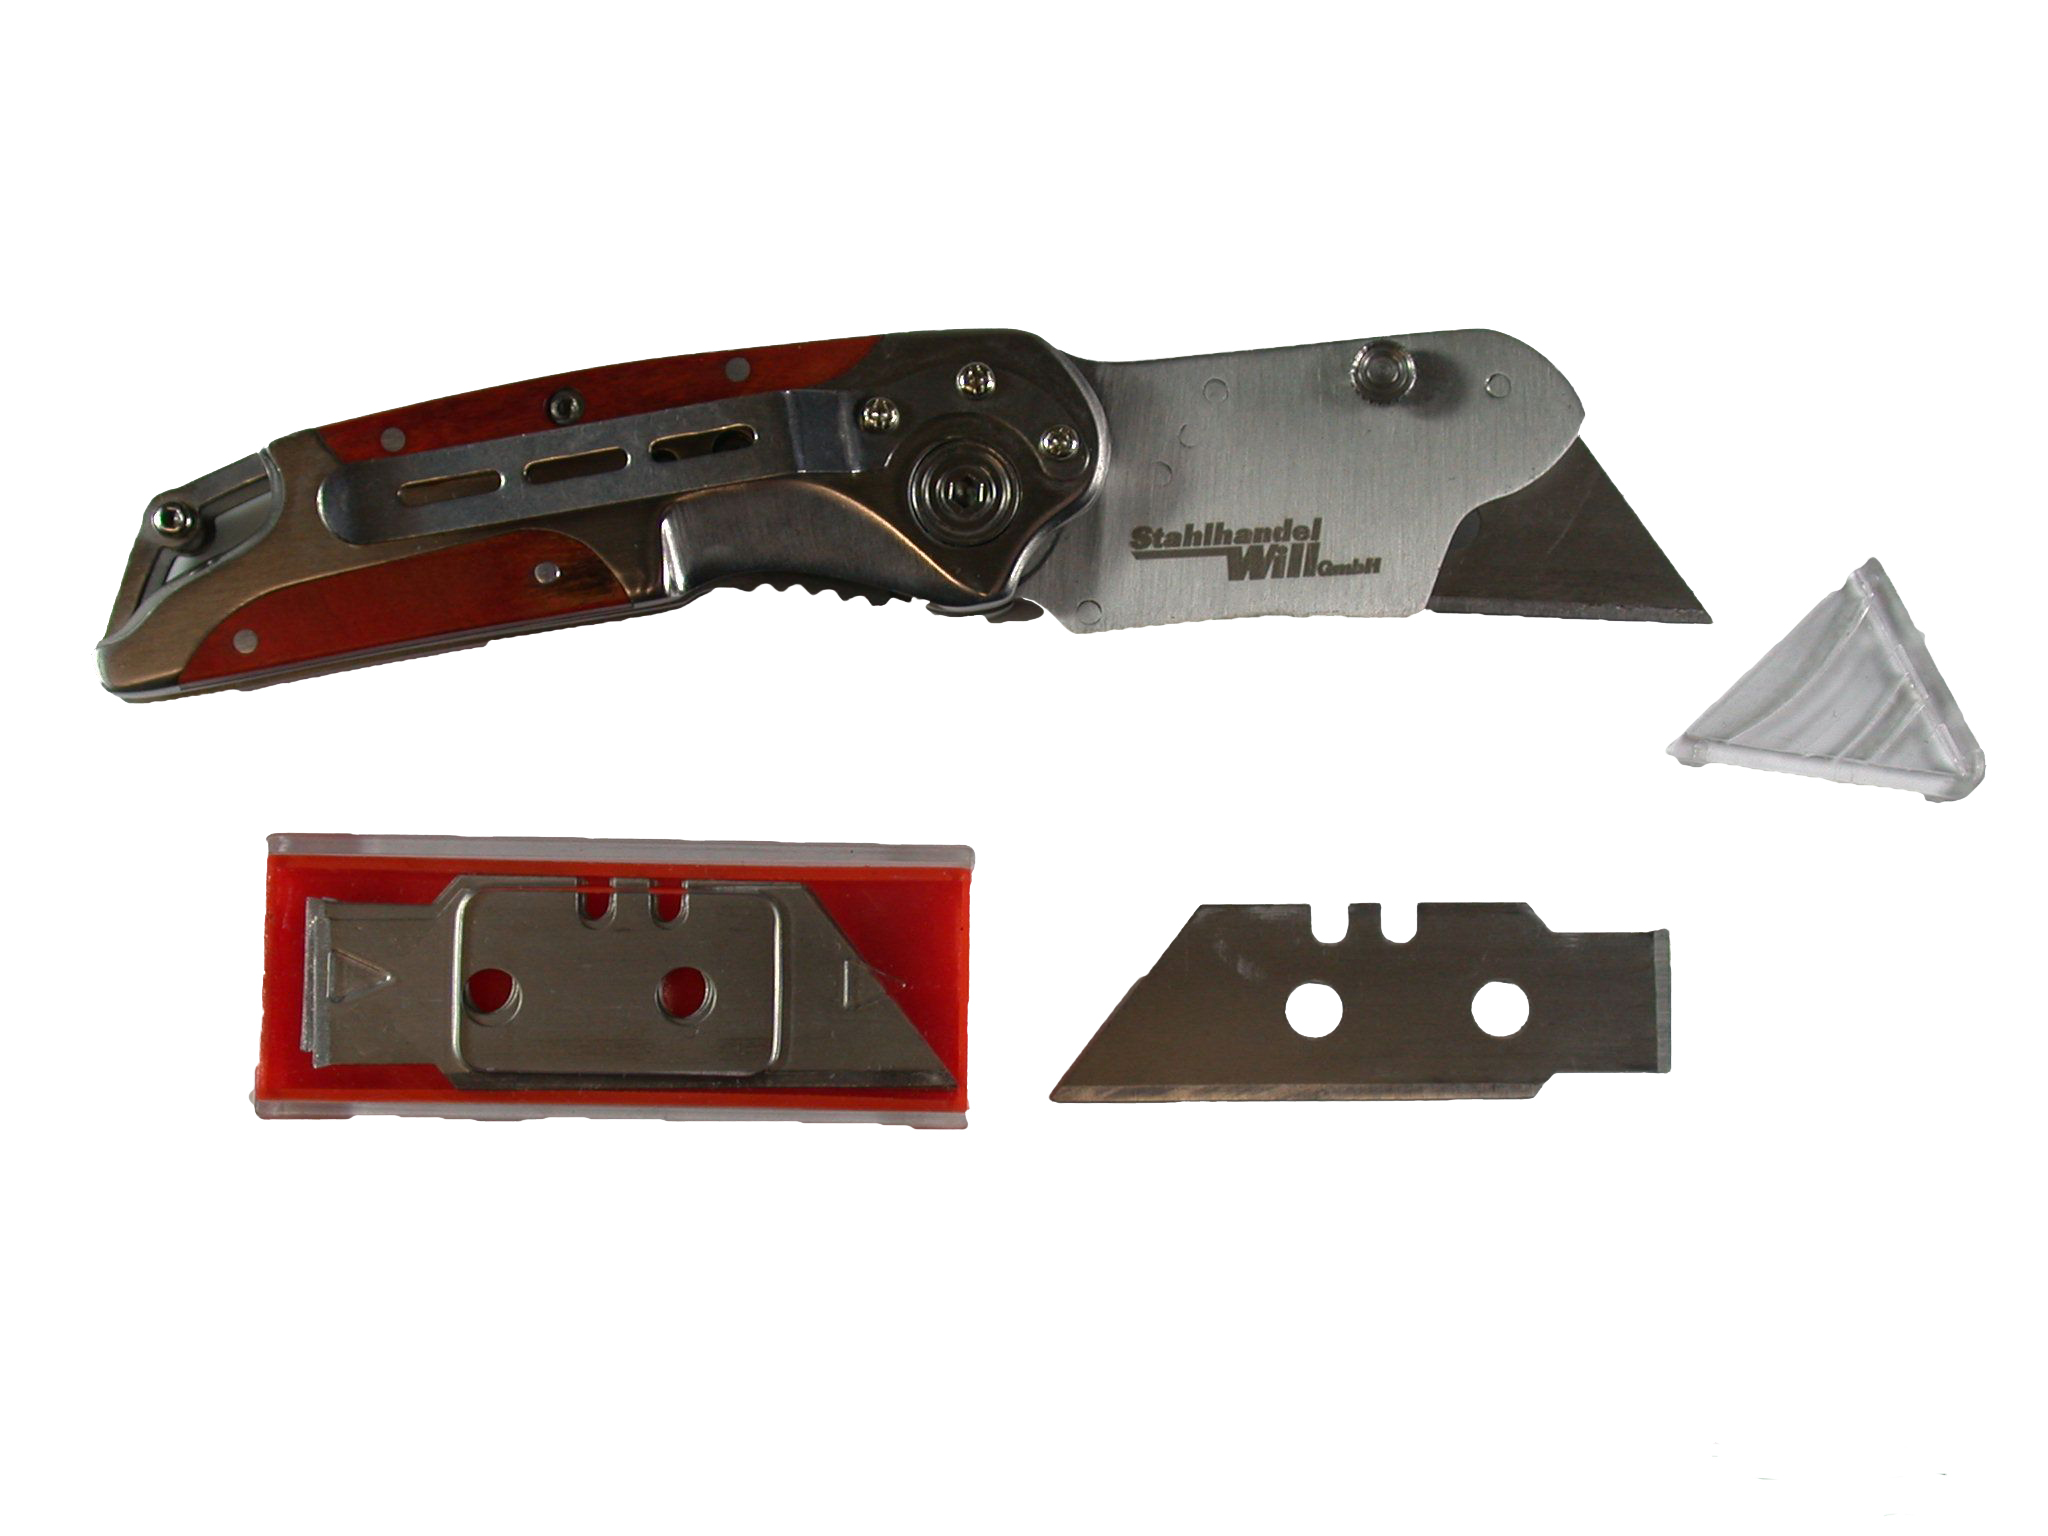 profimesser messer cuttermesser multitool handwerker taschenmesser geschenk ebay. Black Bedroom Furniture Sets. Home Design Ideas